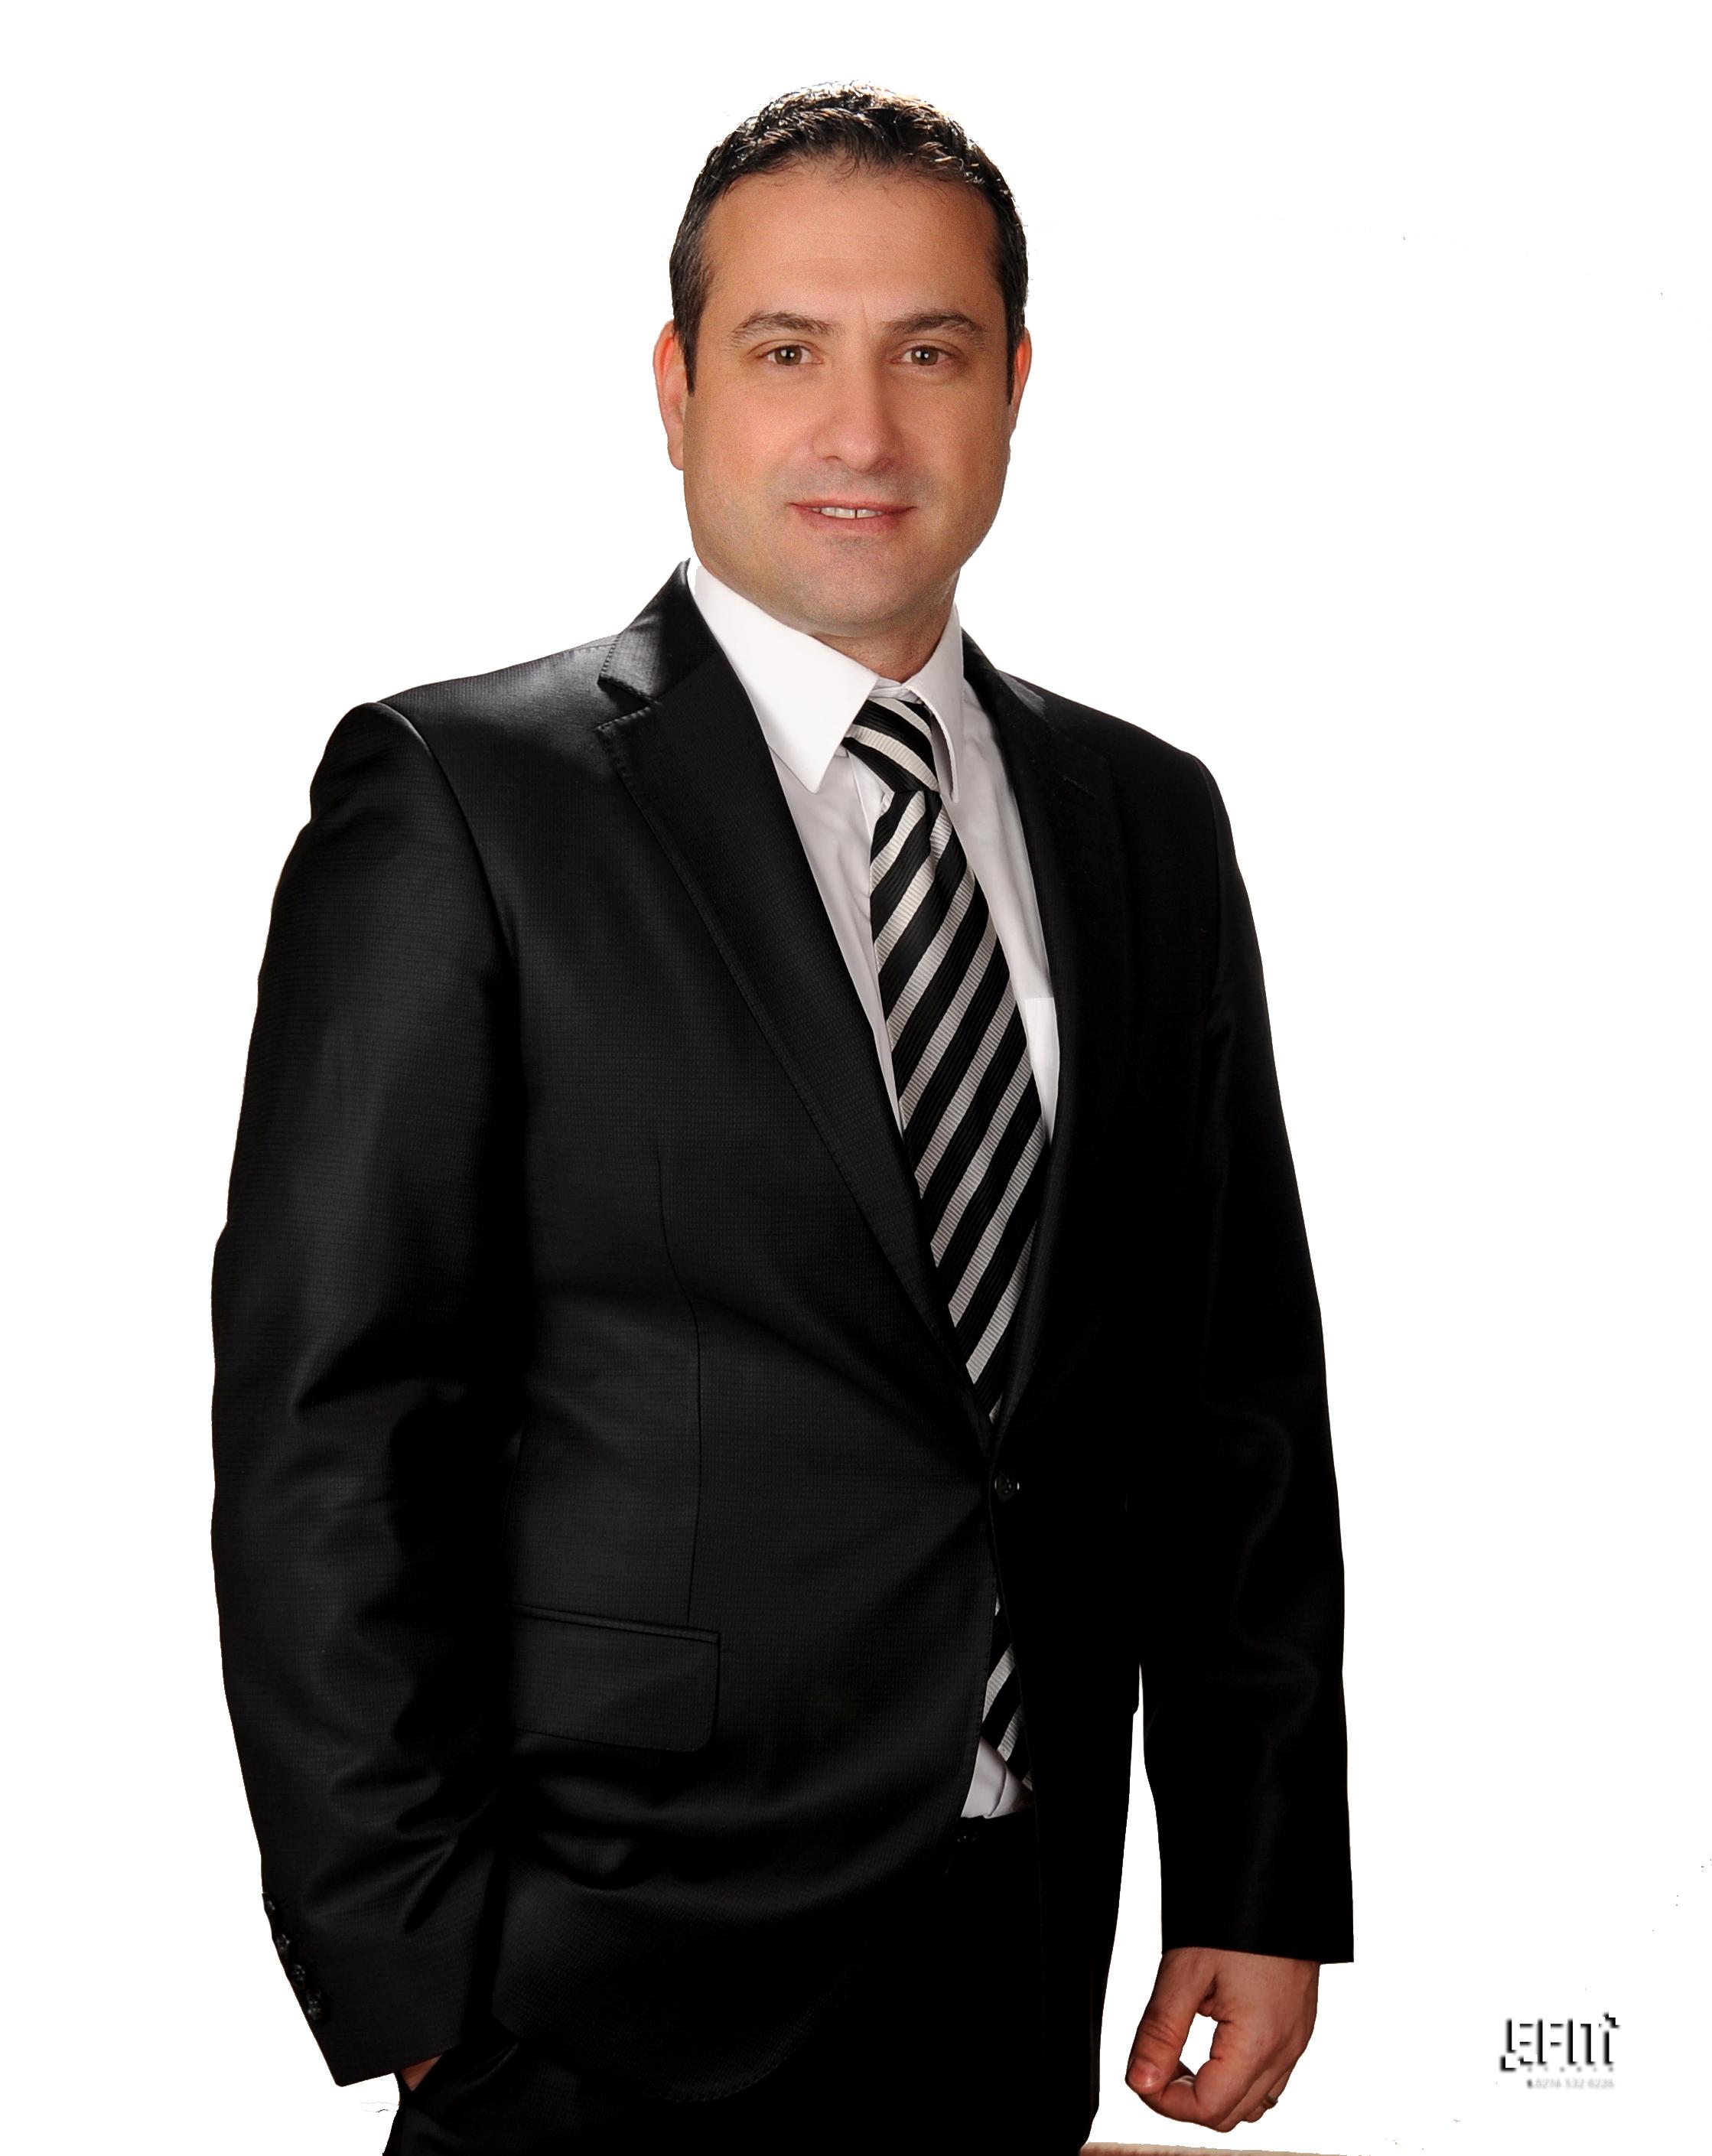 Senlav GÜNER